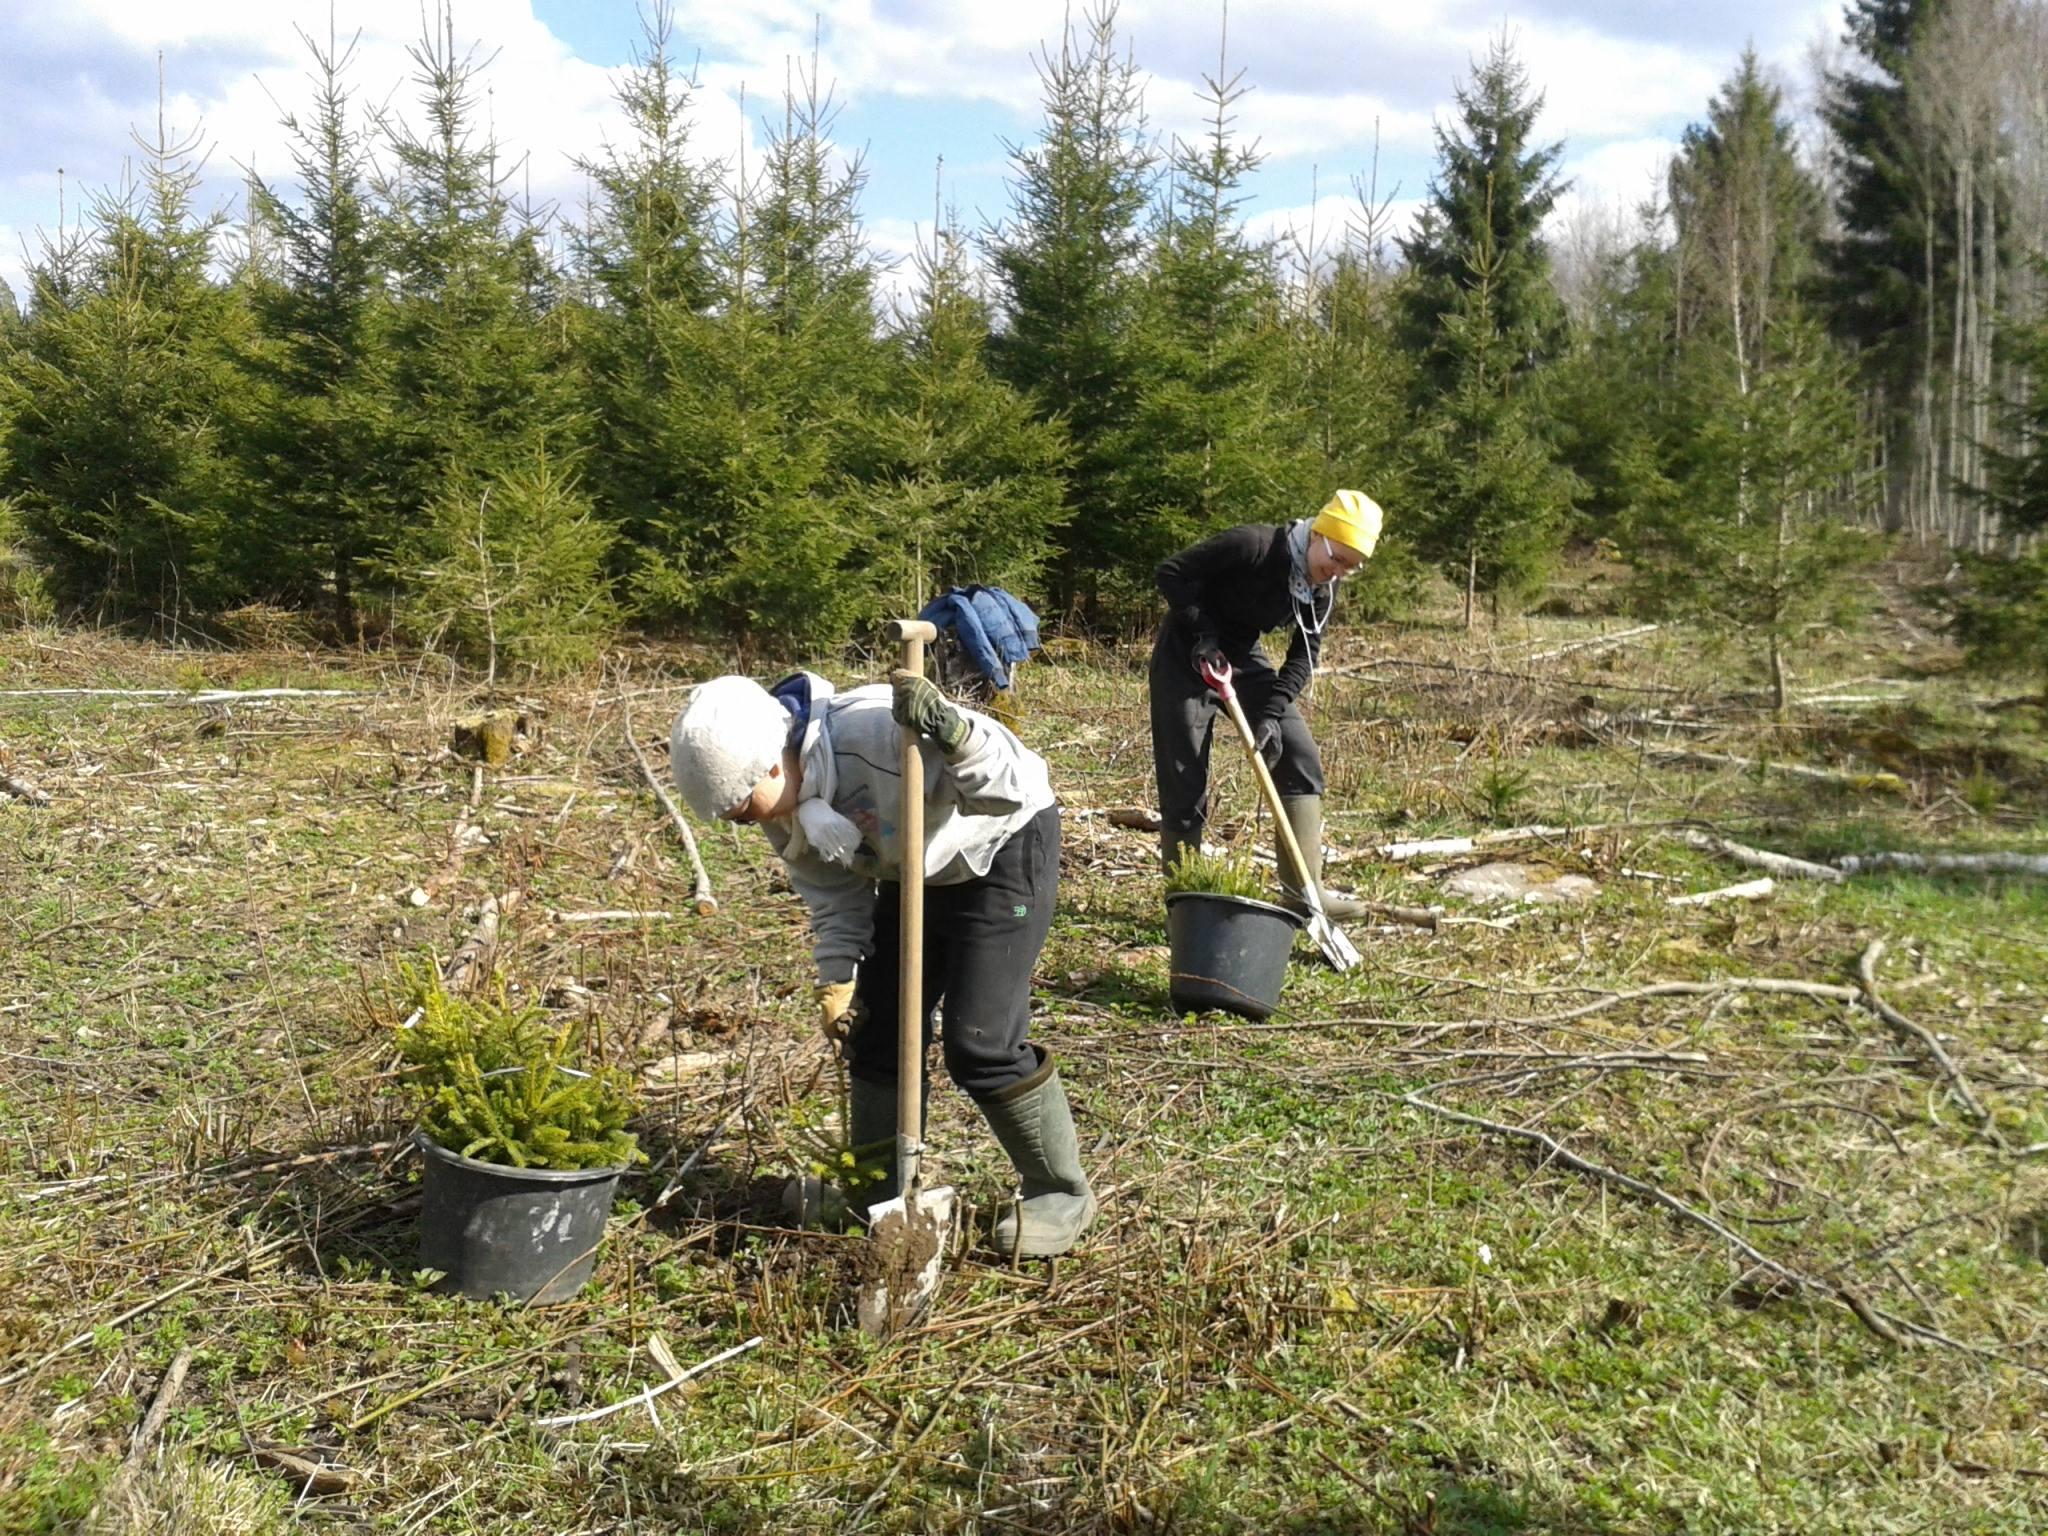 Käes on metsaistutusaeg! Metsaühistud üle Eesti kutsuvad metsa istutama